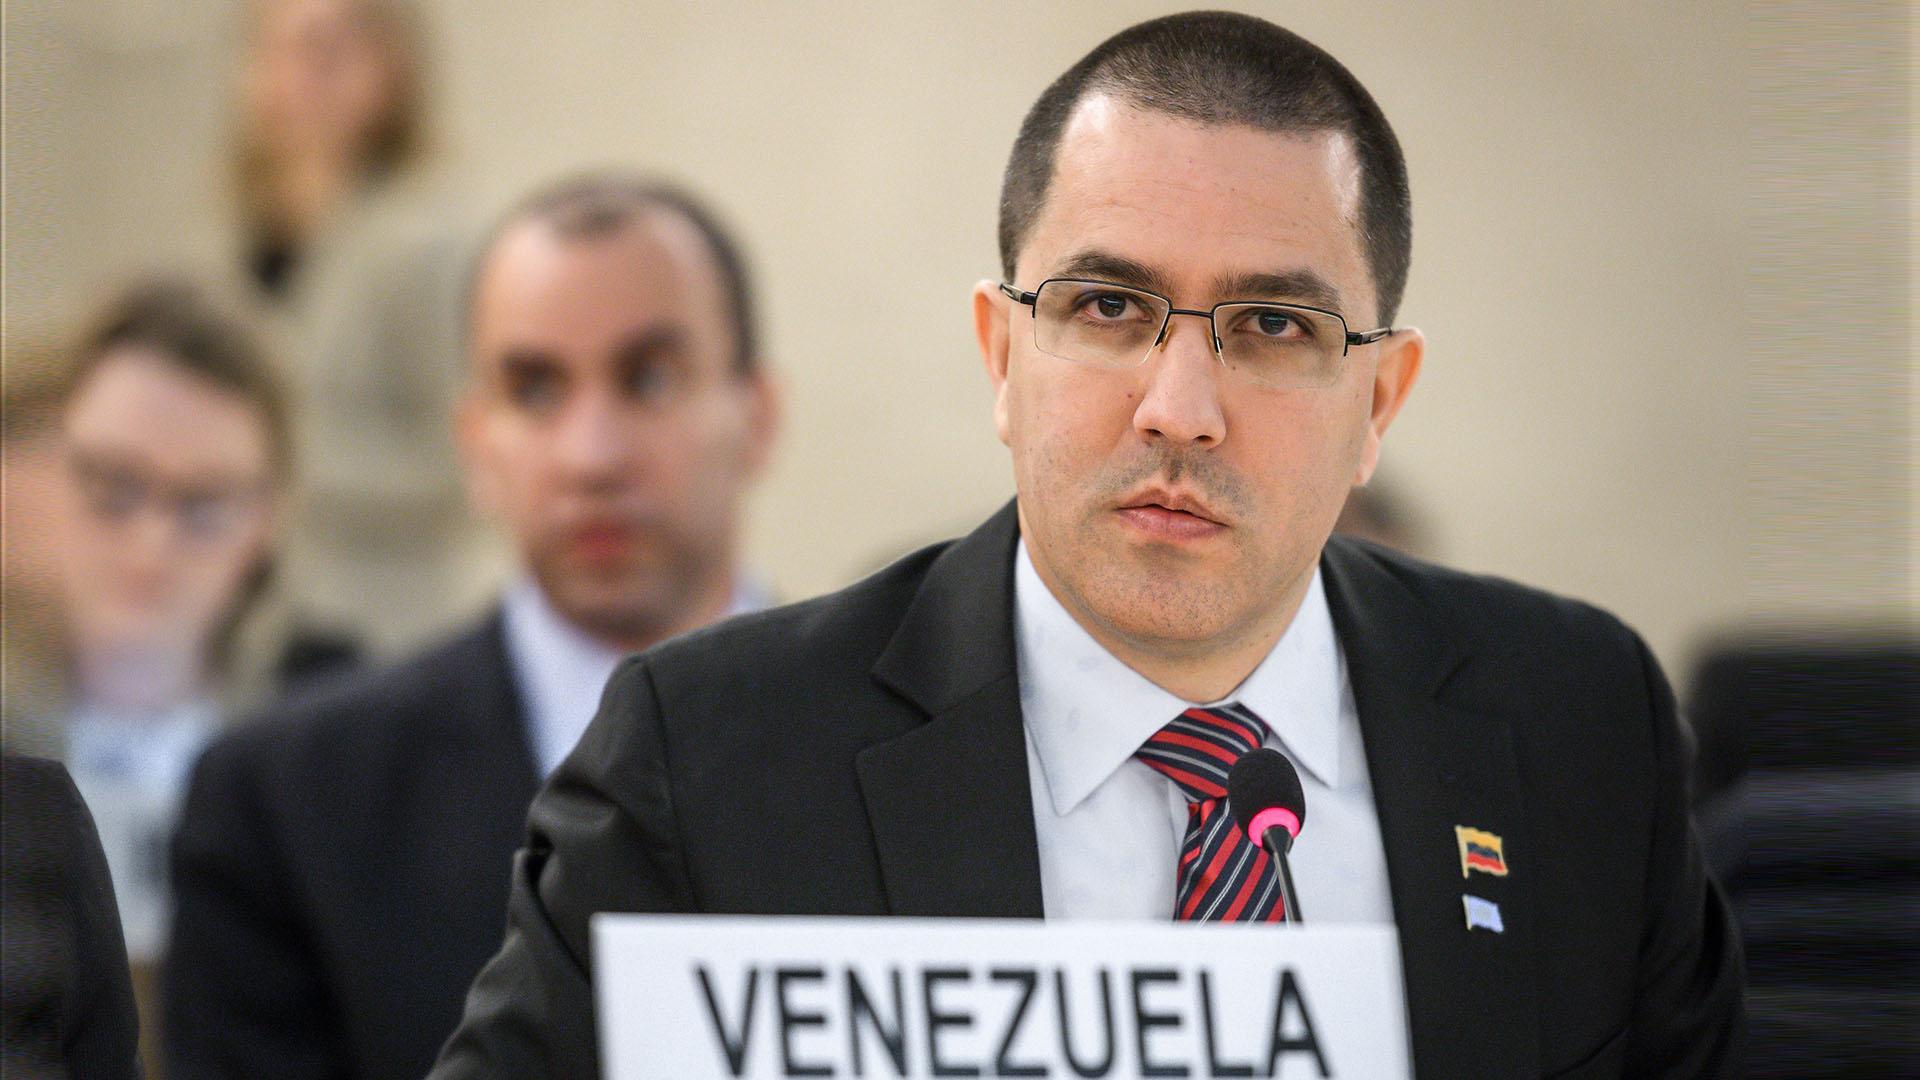 Jorge Arreaza inicia gestión para repatriar a venezolanos varados en EE.UU